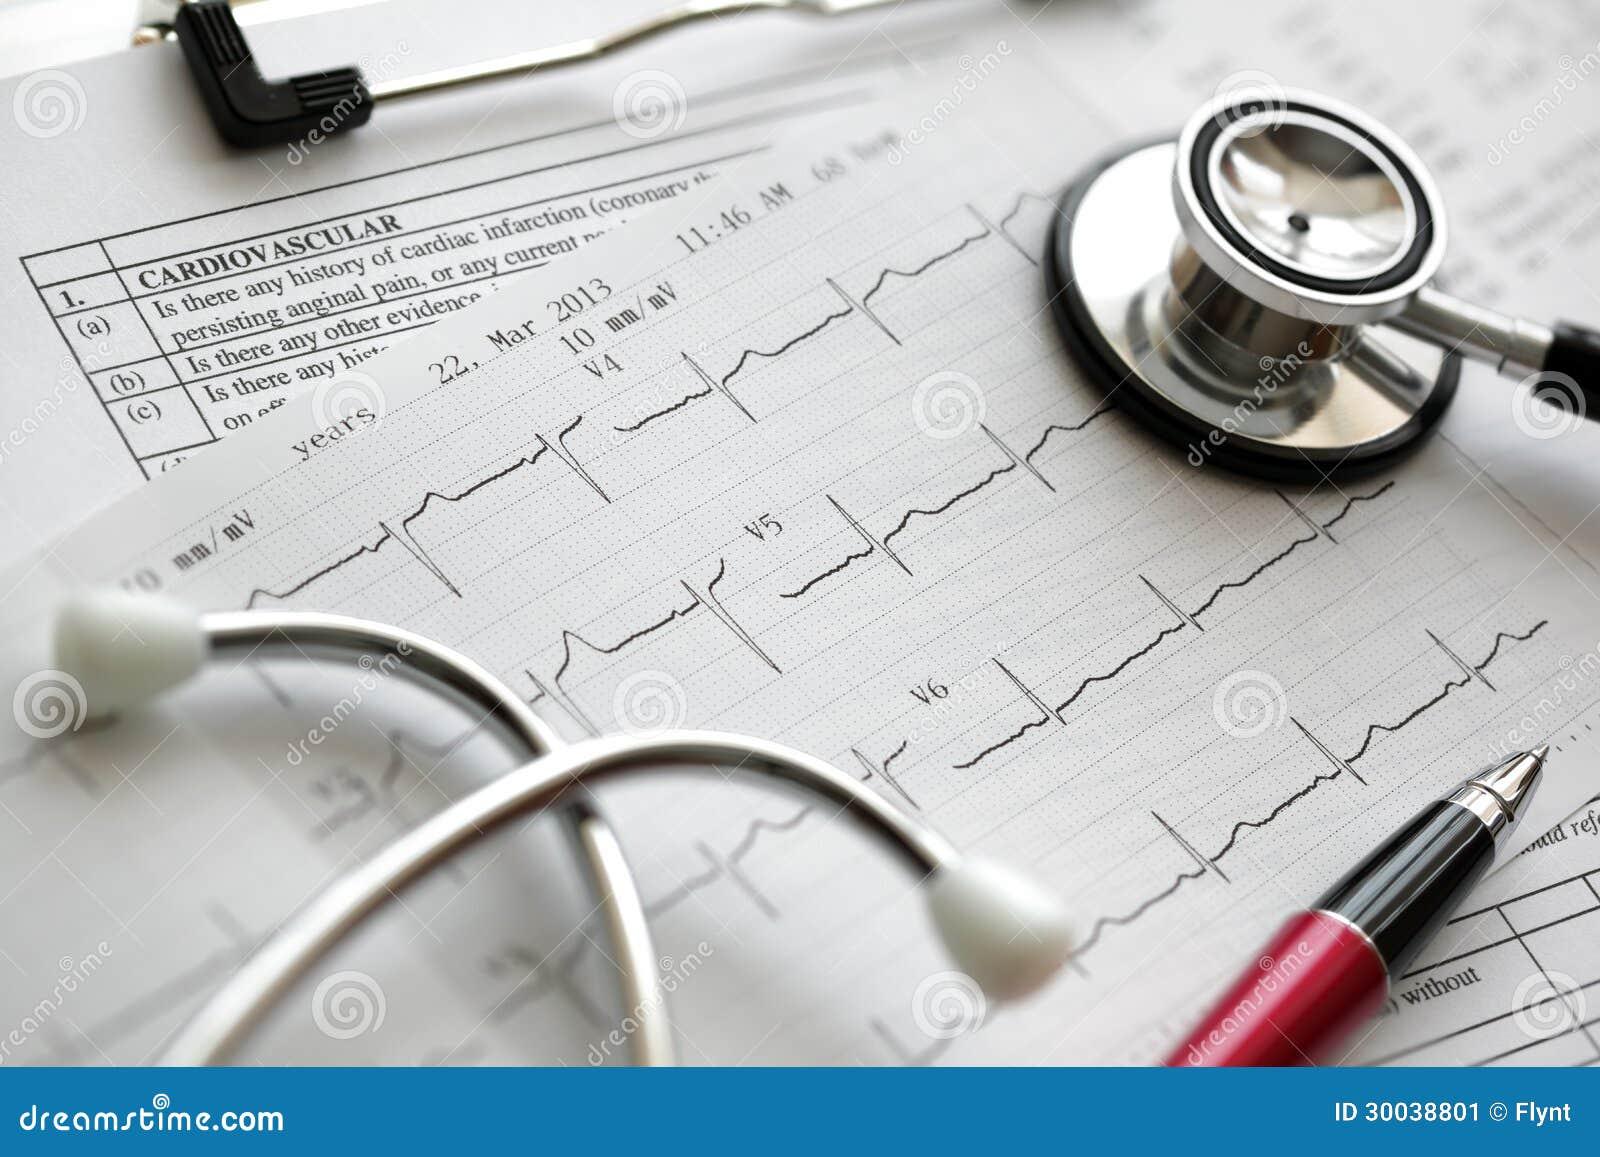 Cardiograma y estetoscopio